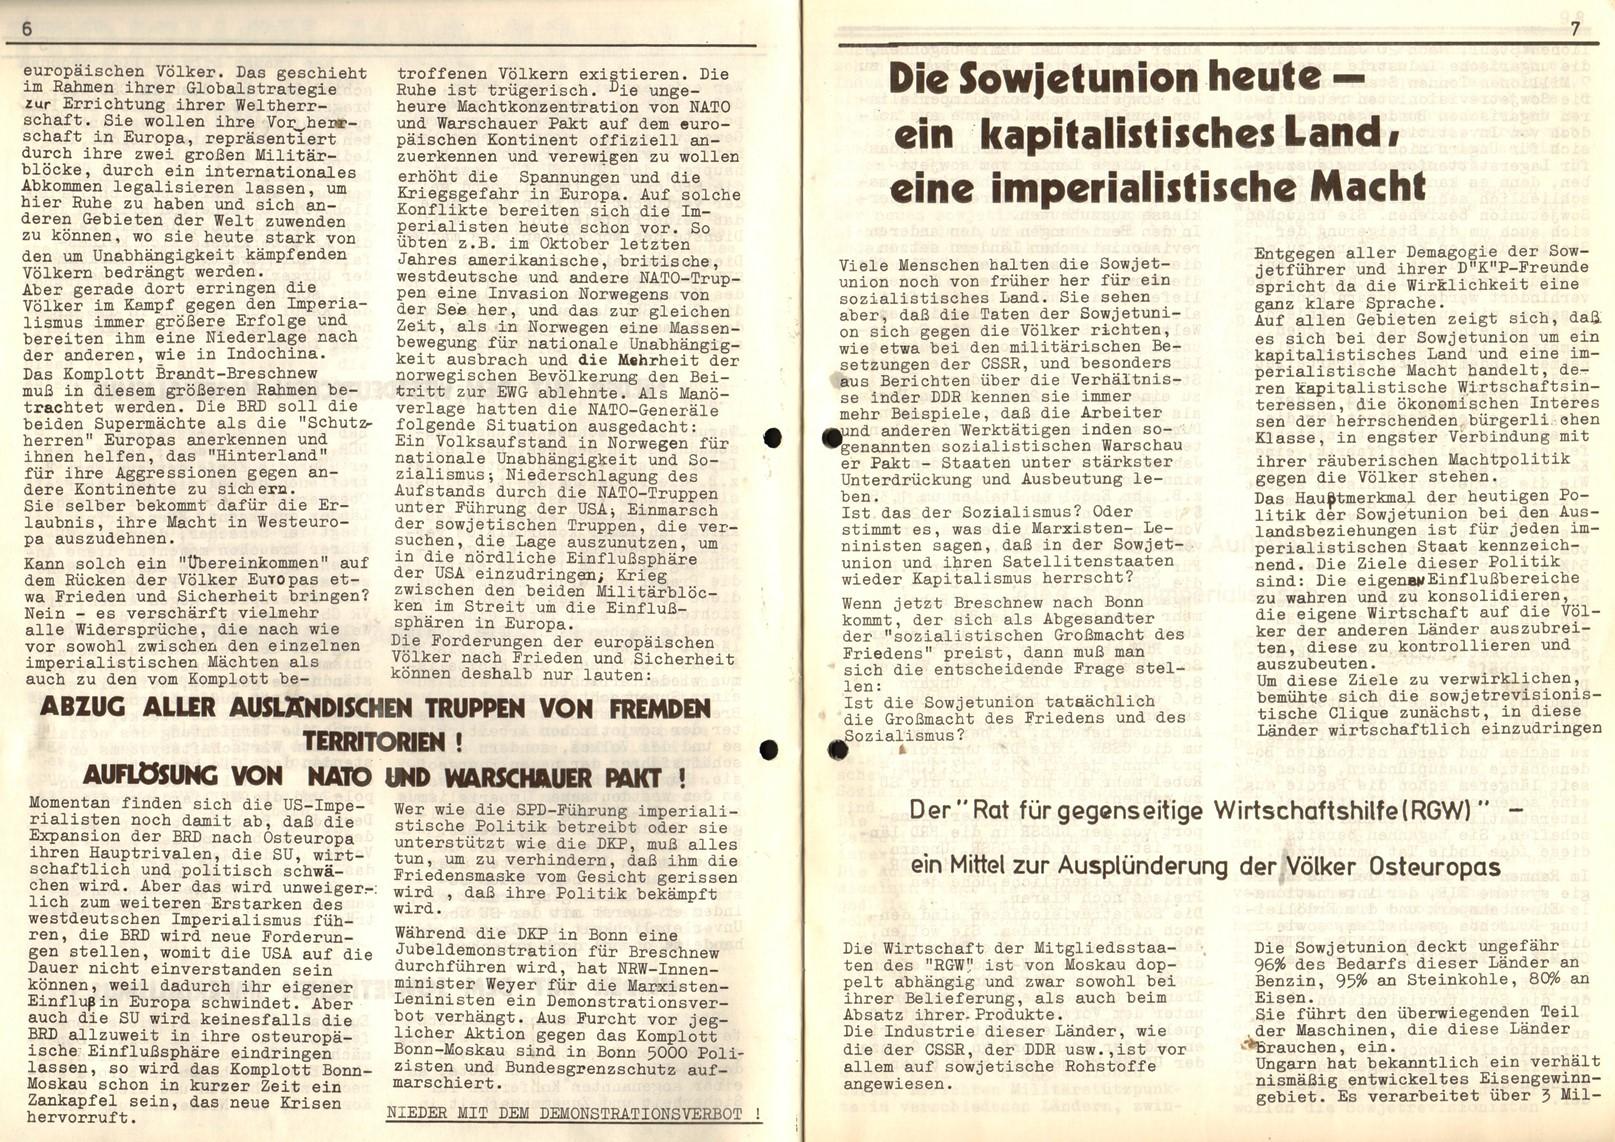 ML_Aachen_Bochum_Duisburg_1973_Breschnew_in_Bonn_04